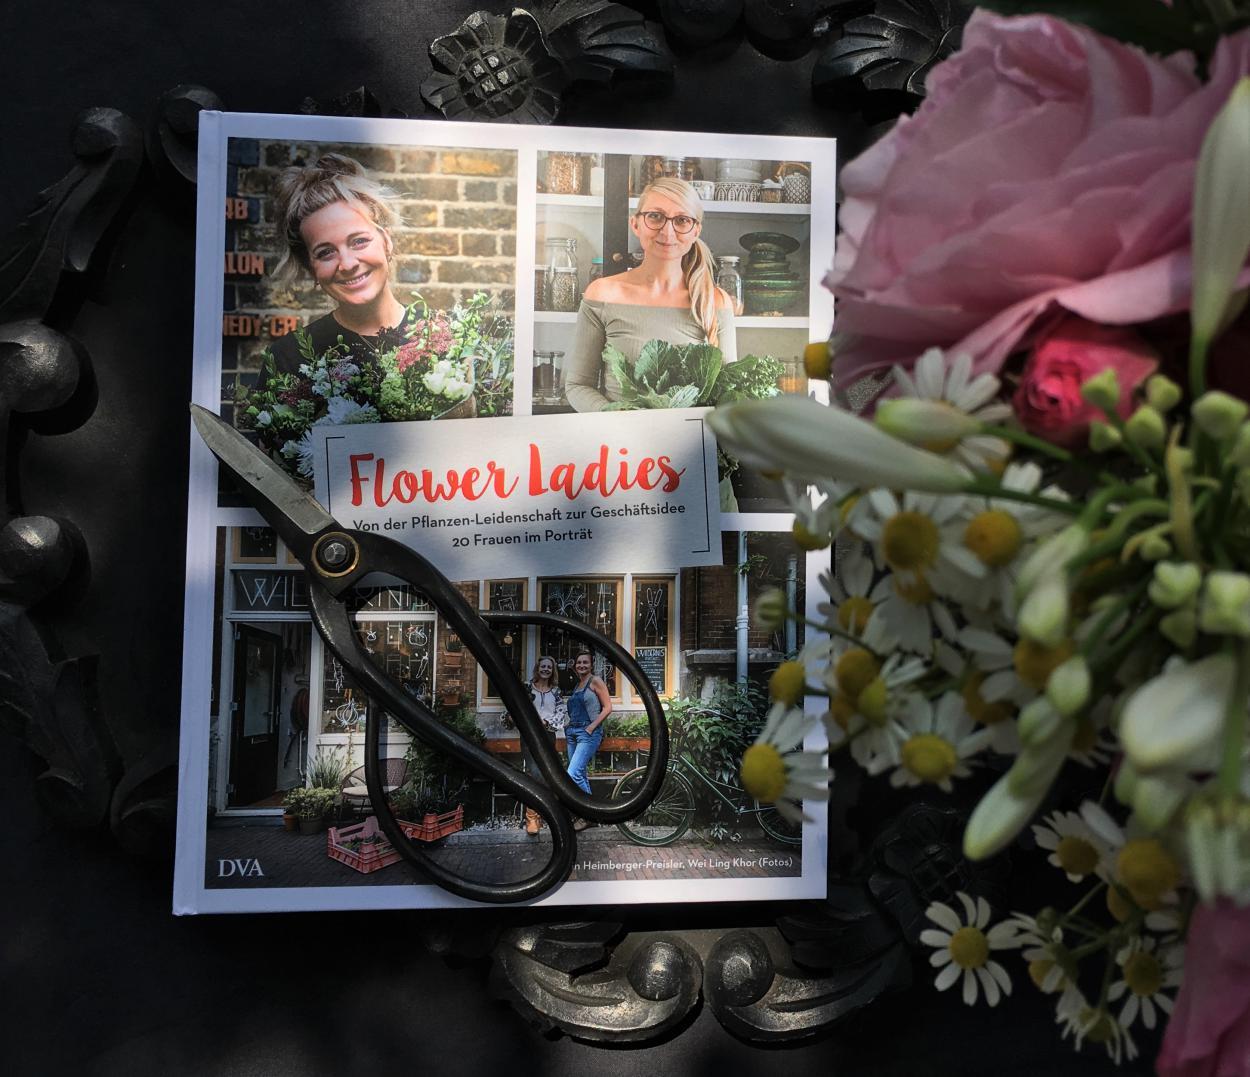 Flower Ladies, Buch, Sonntagslektüre, Blumenliebe, Schere, Vorfreude, kleine Wunder, Gartenstrauß